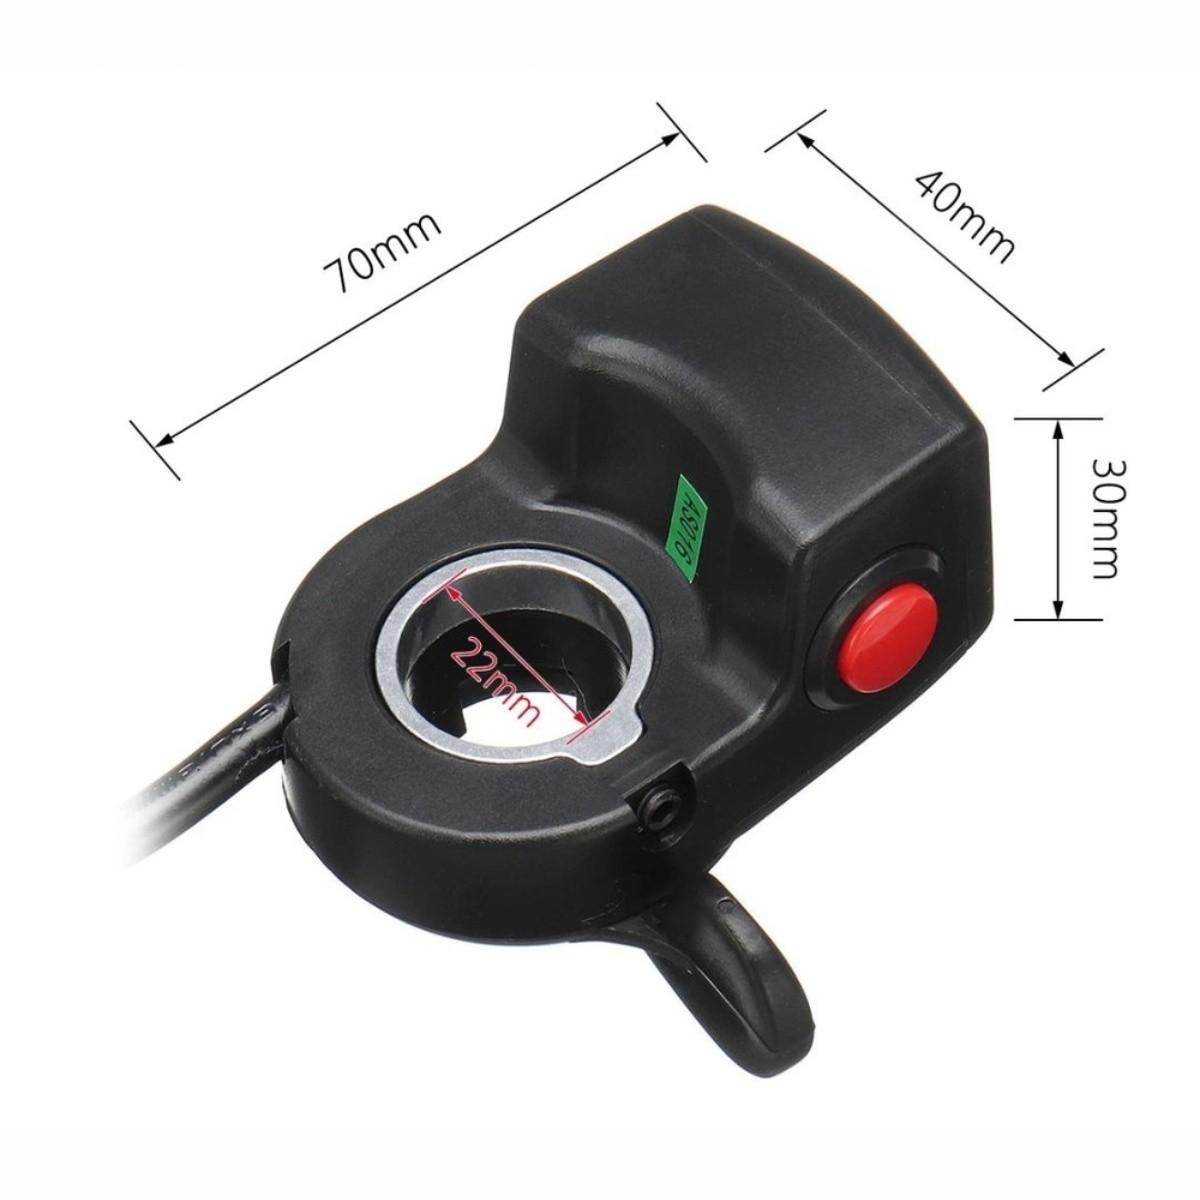 Acelerador C/ Nível de Bateria 36v (Paleta)